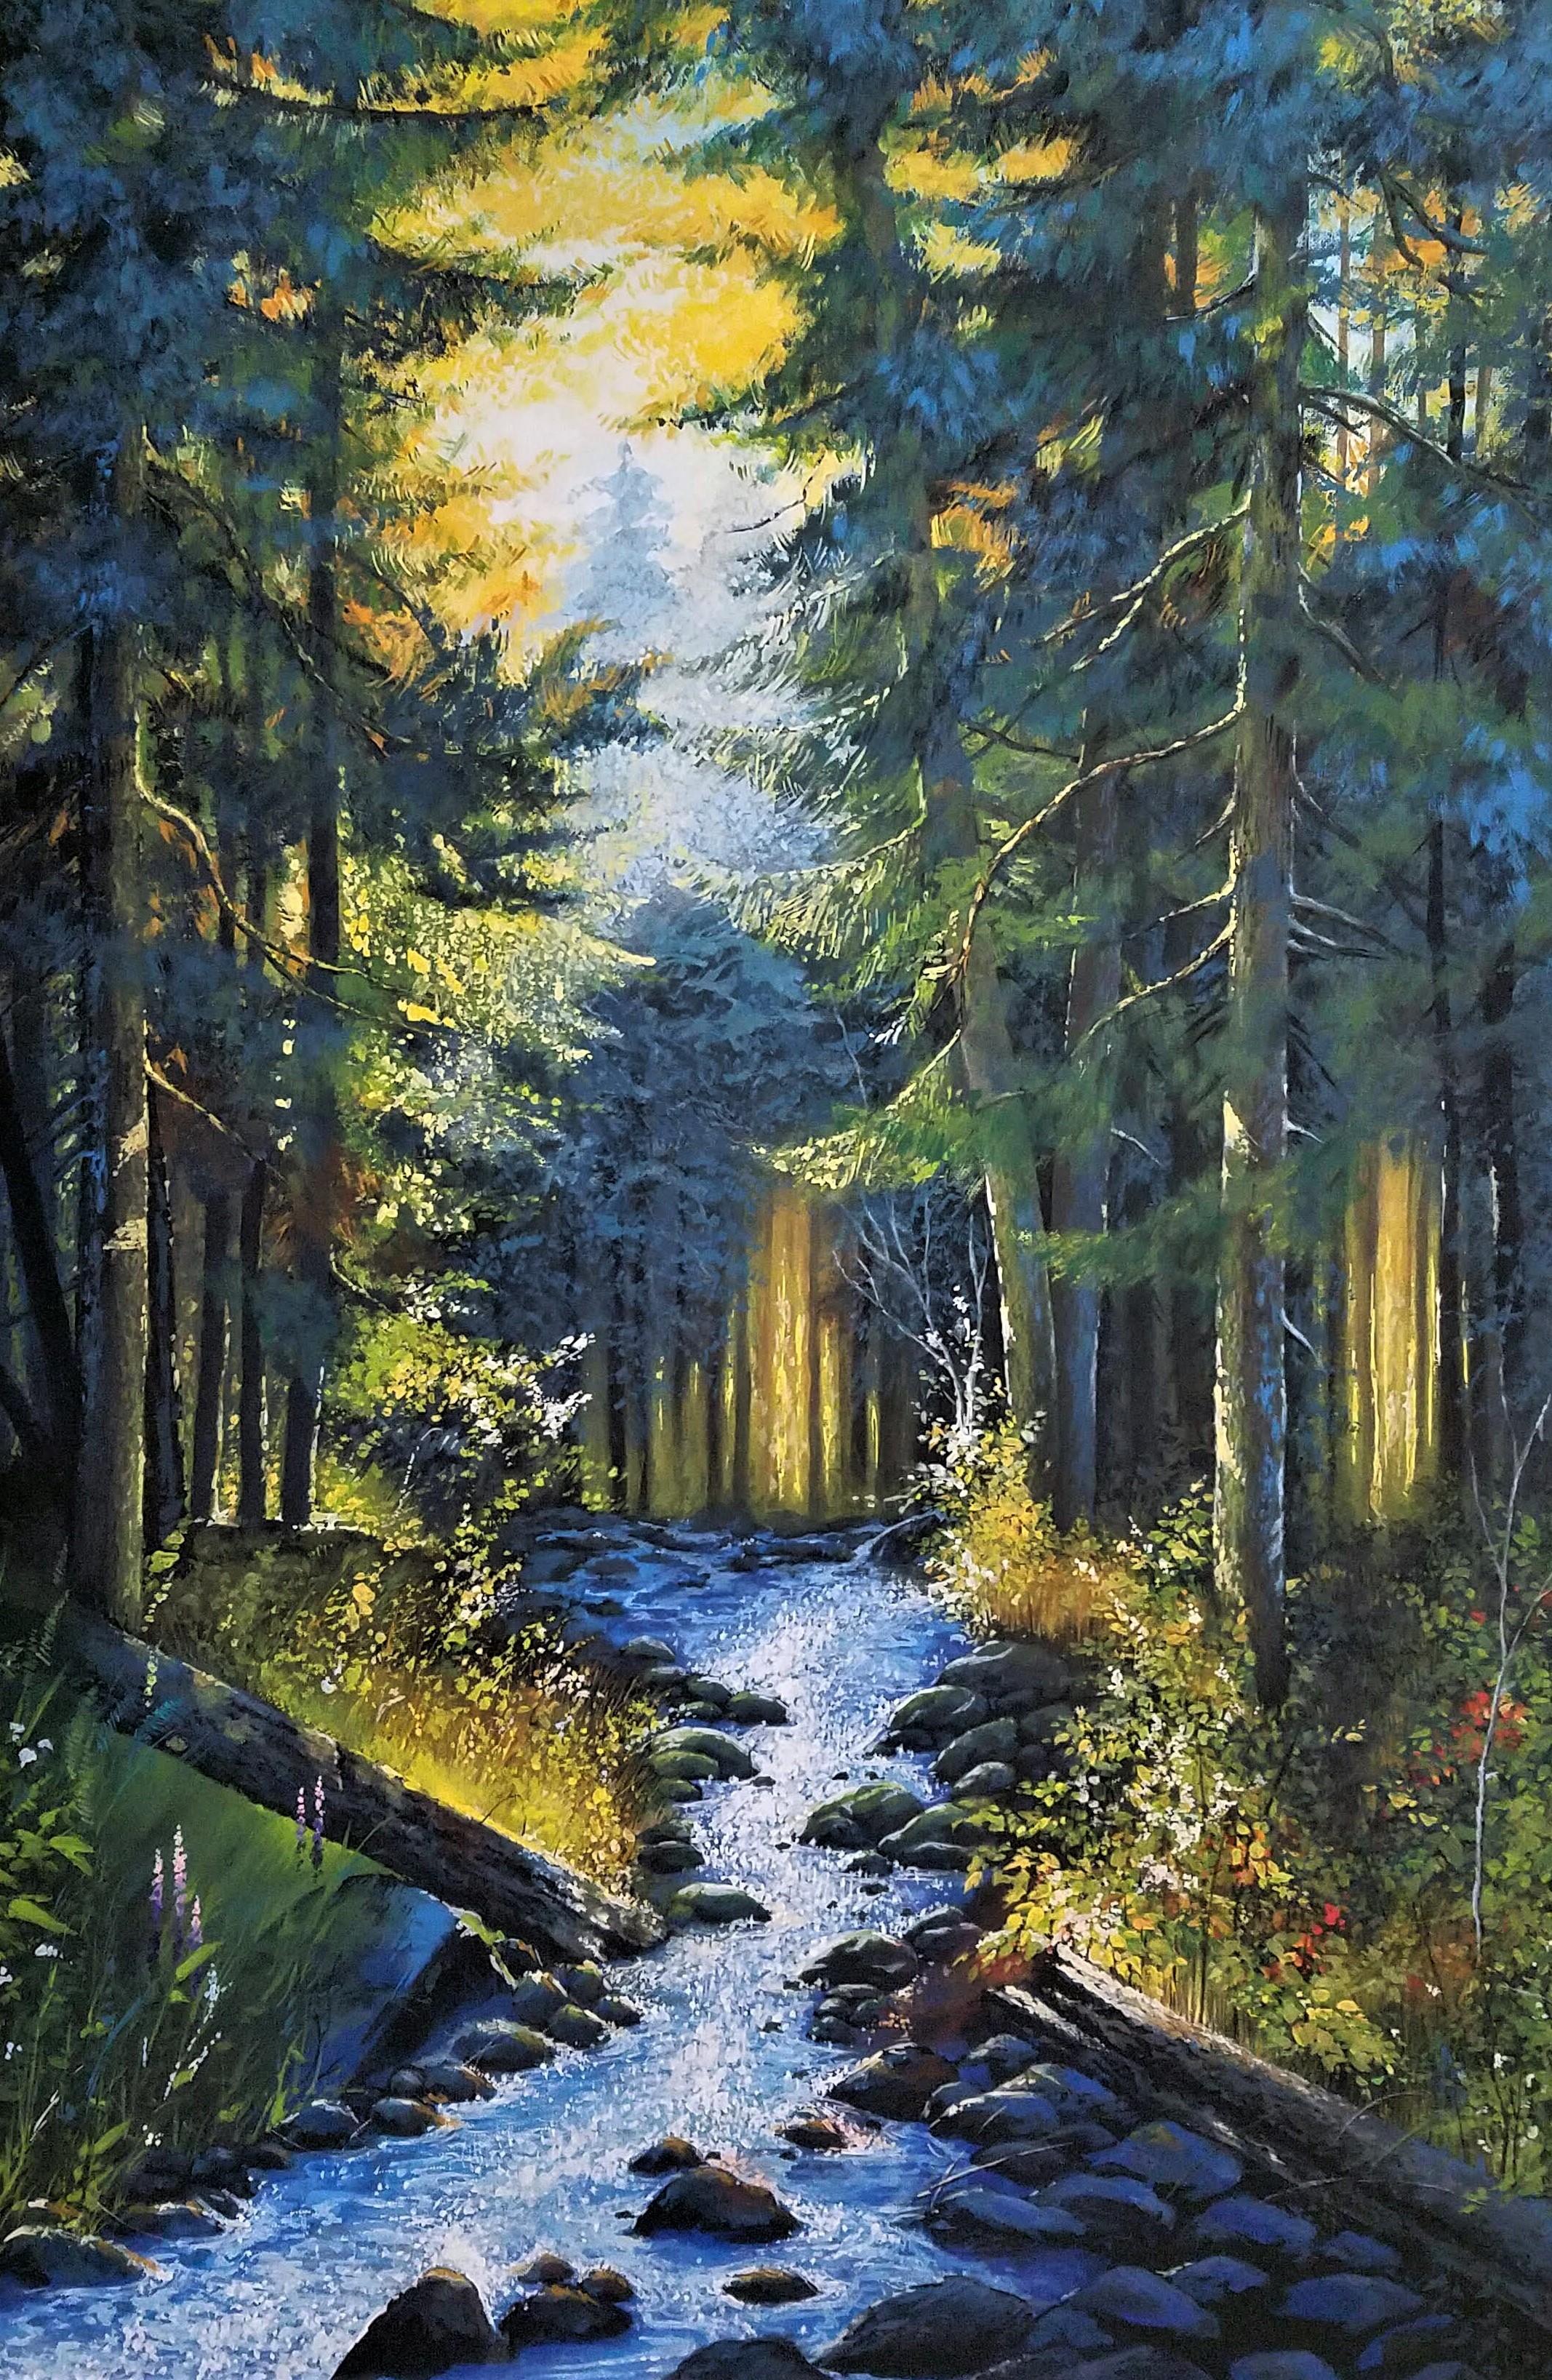 Forest-Stream_Mila-Koveshnikova